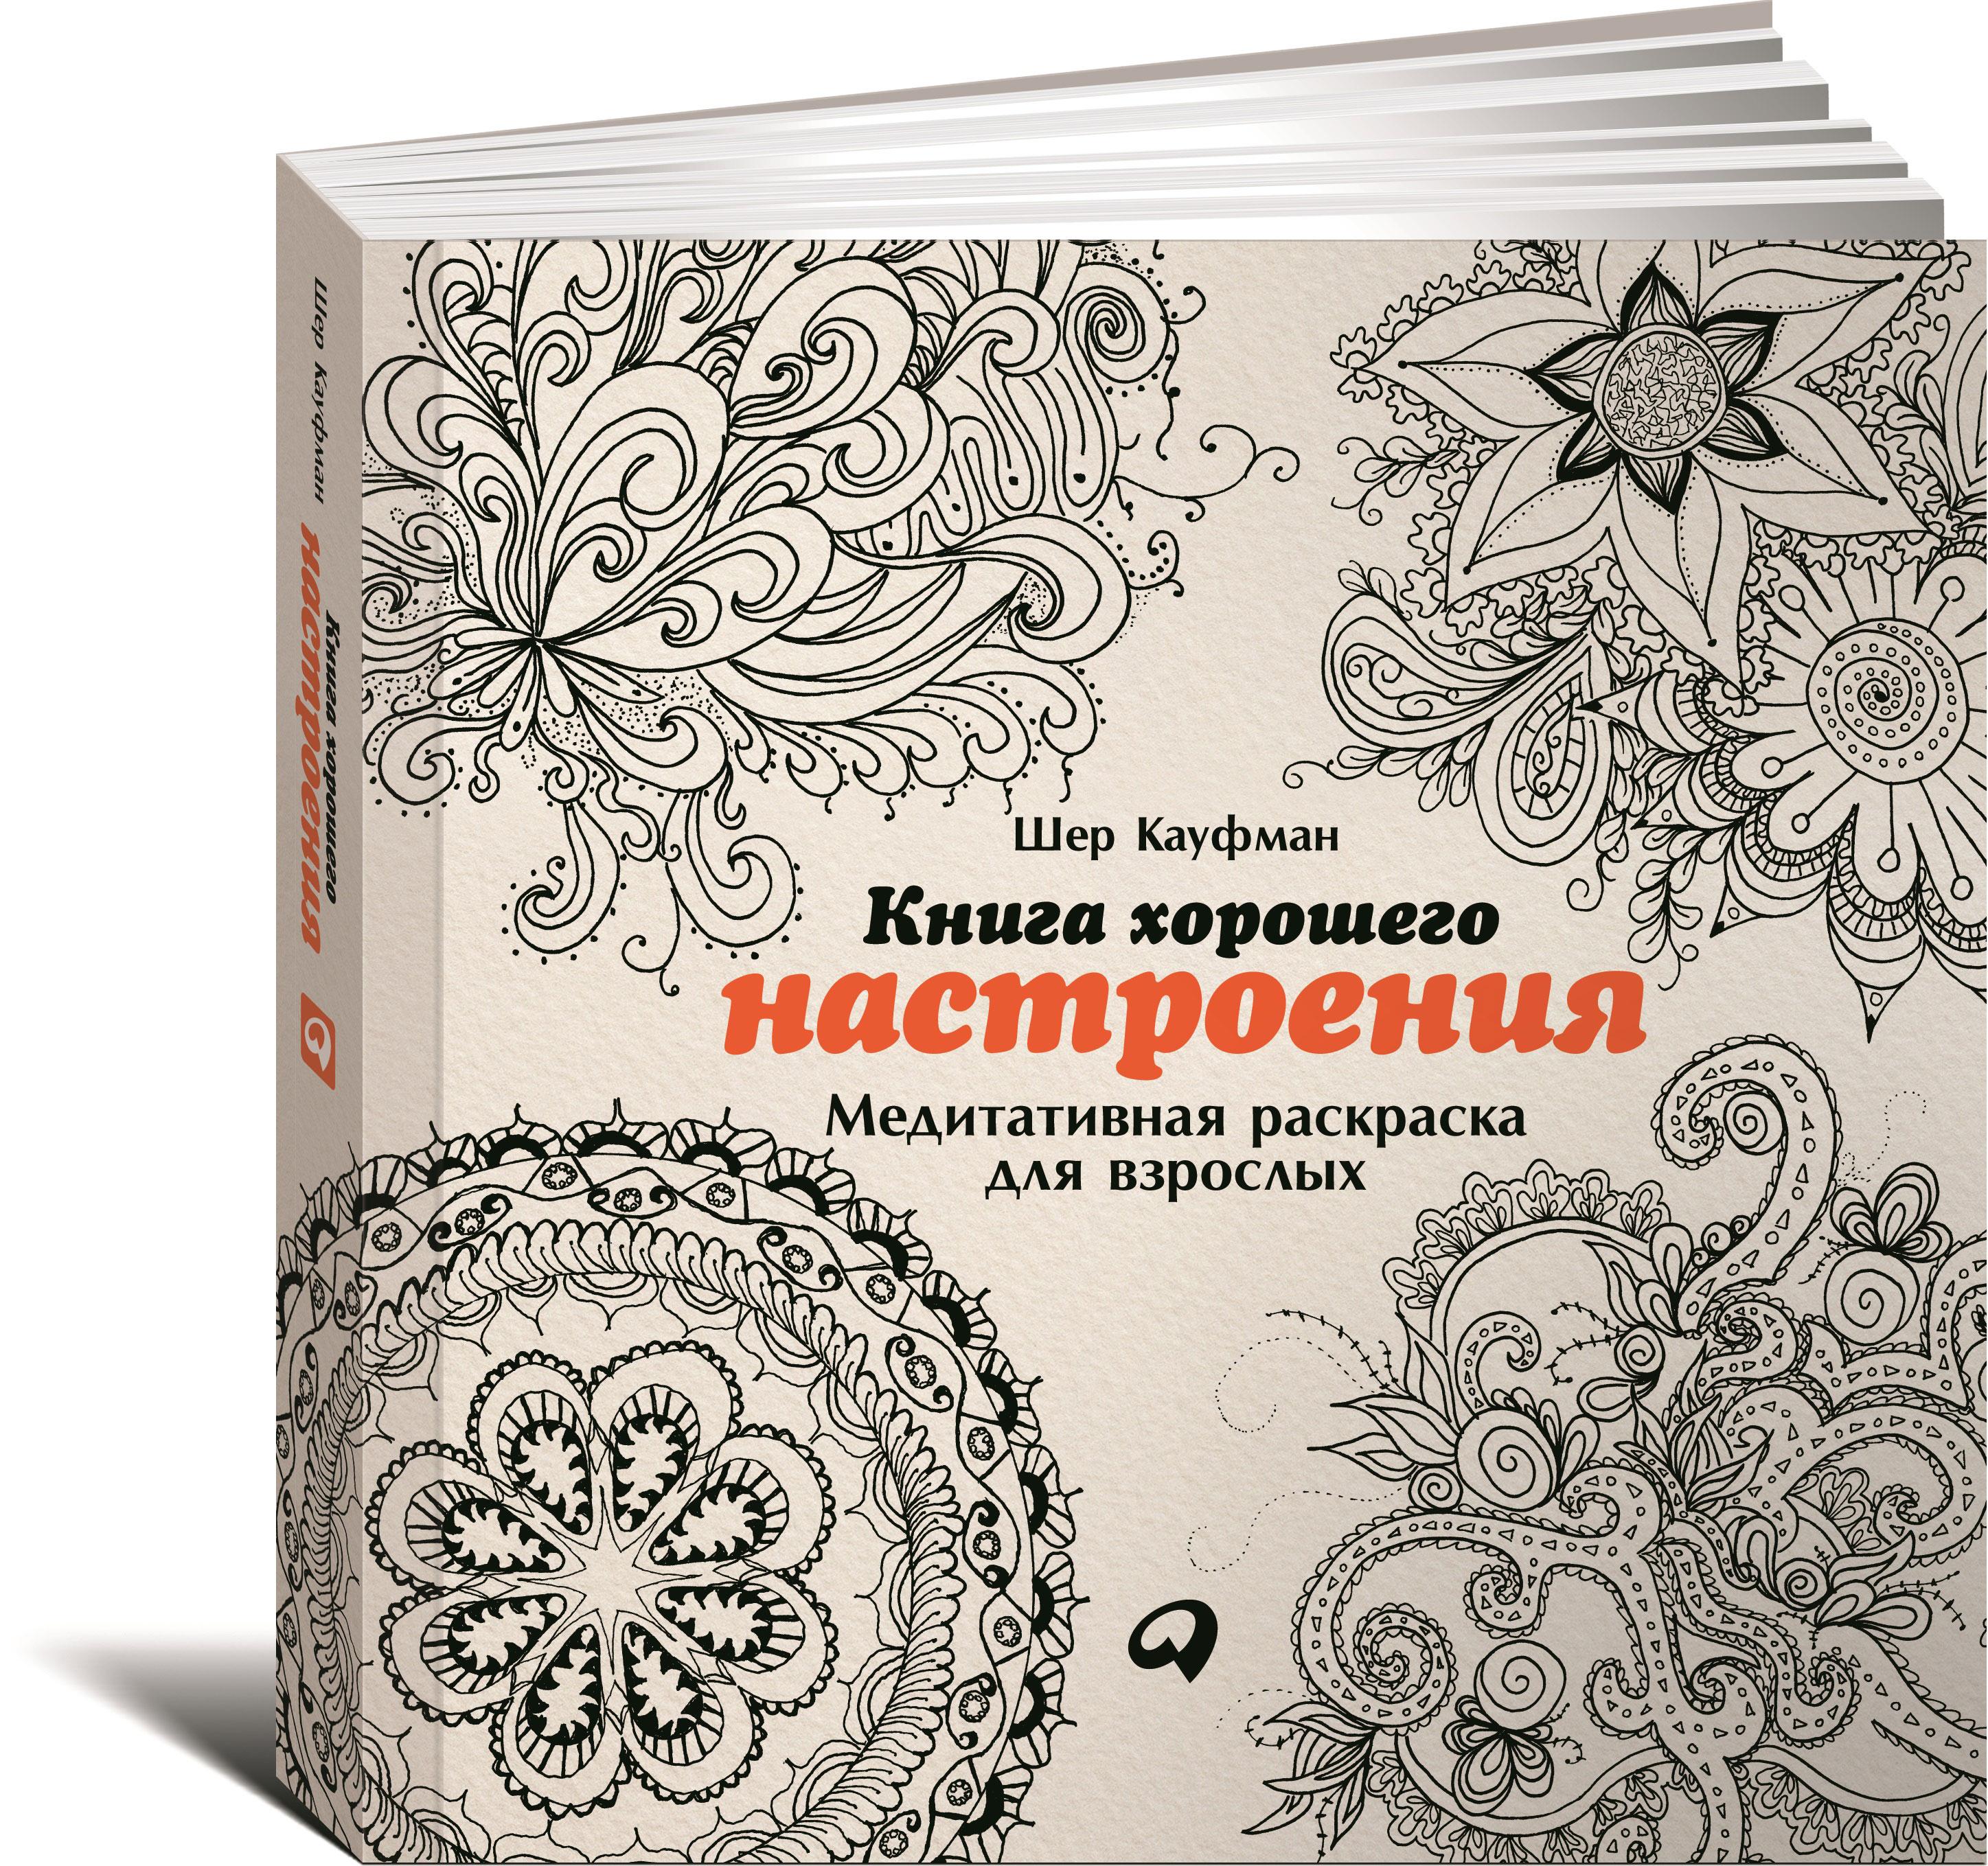 Книга хорошего настроения. Медитативная раскраска для взрослых